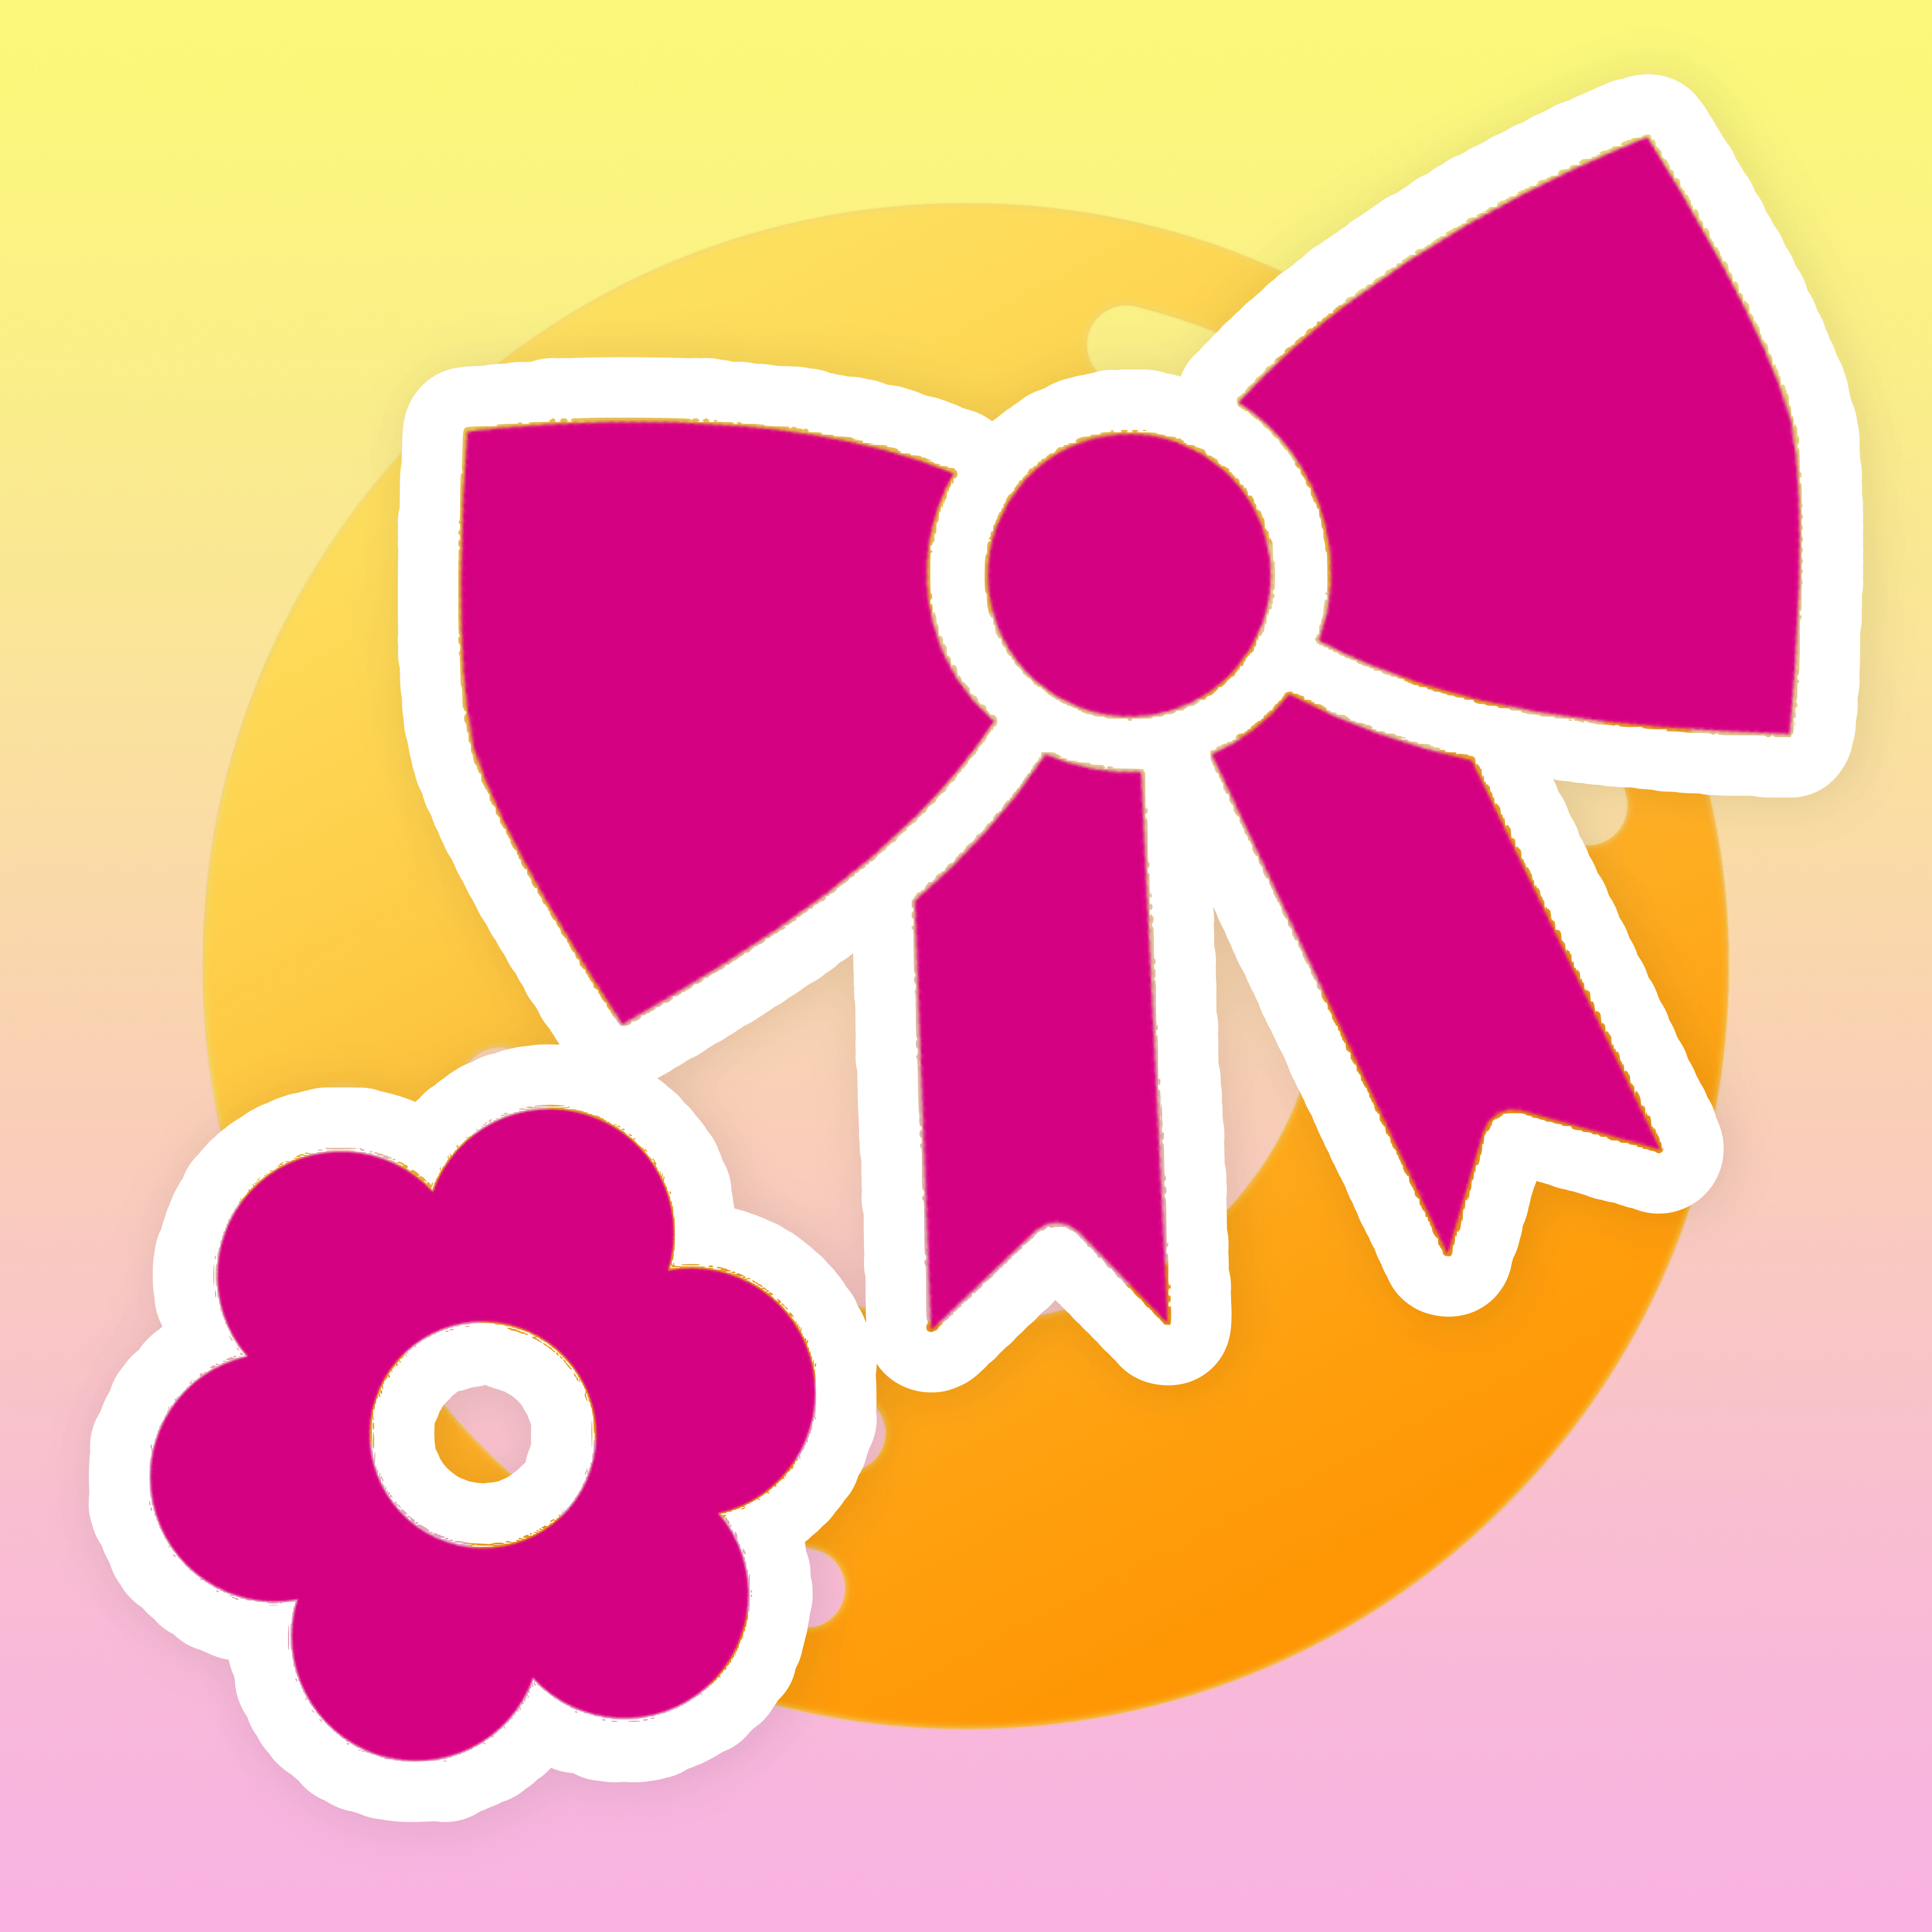 chiyo avatar